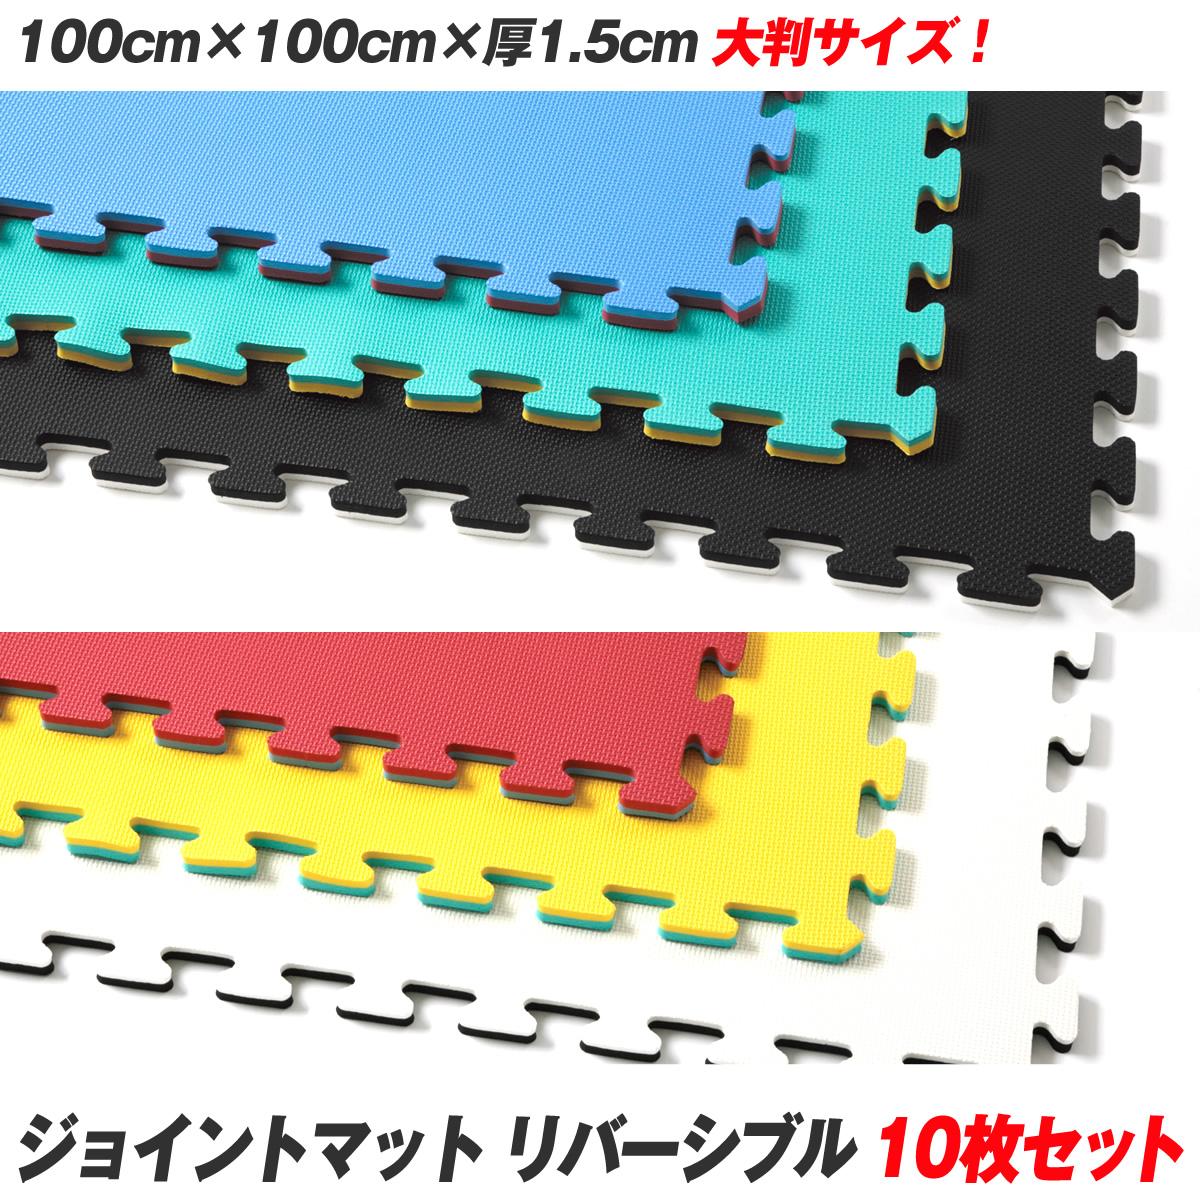 ジョイントマット リバーシブル 10枚セット / 100cm×100cm×厚1.5cm 大判 厚手 フリーカット 防音 トレーニング